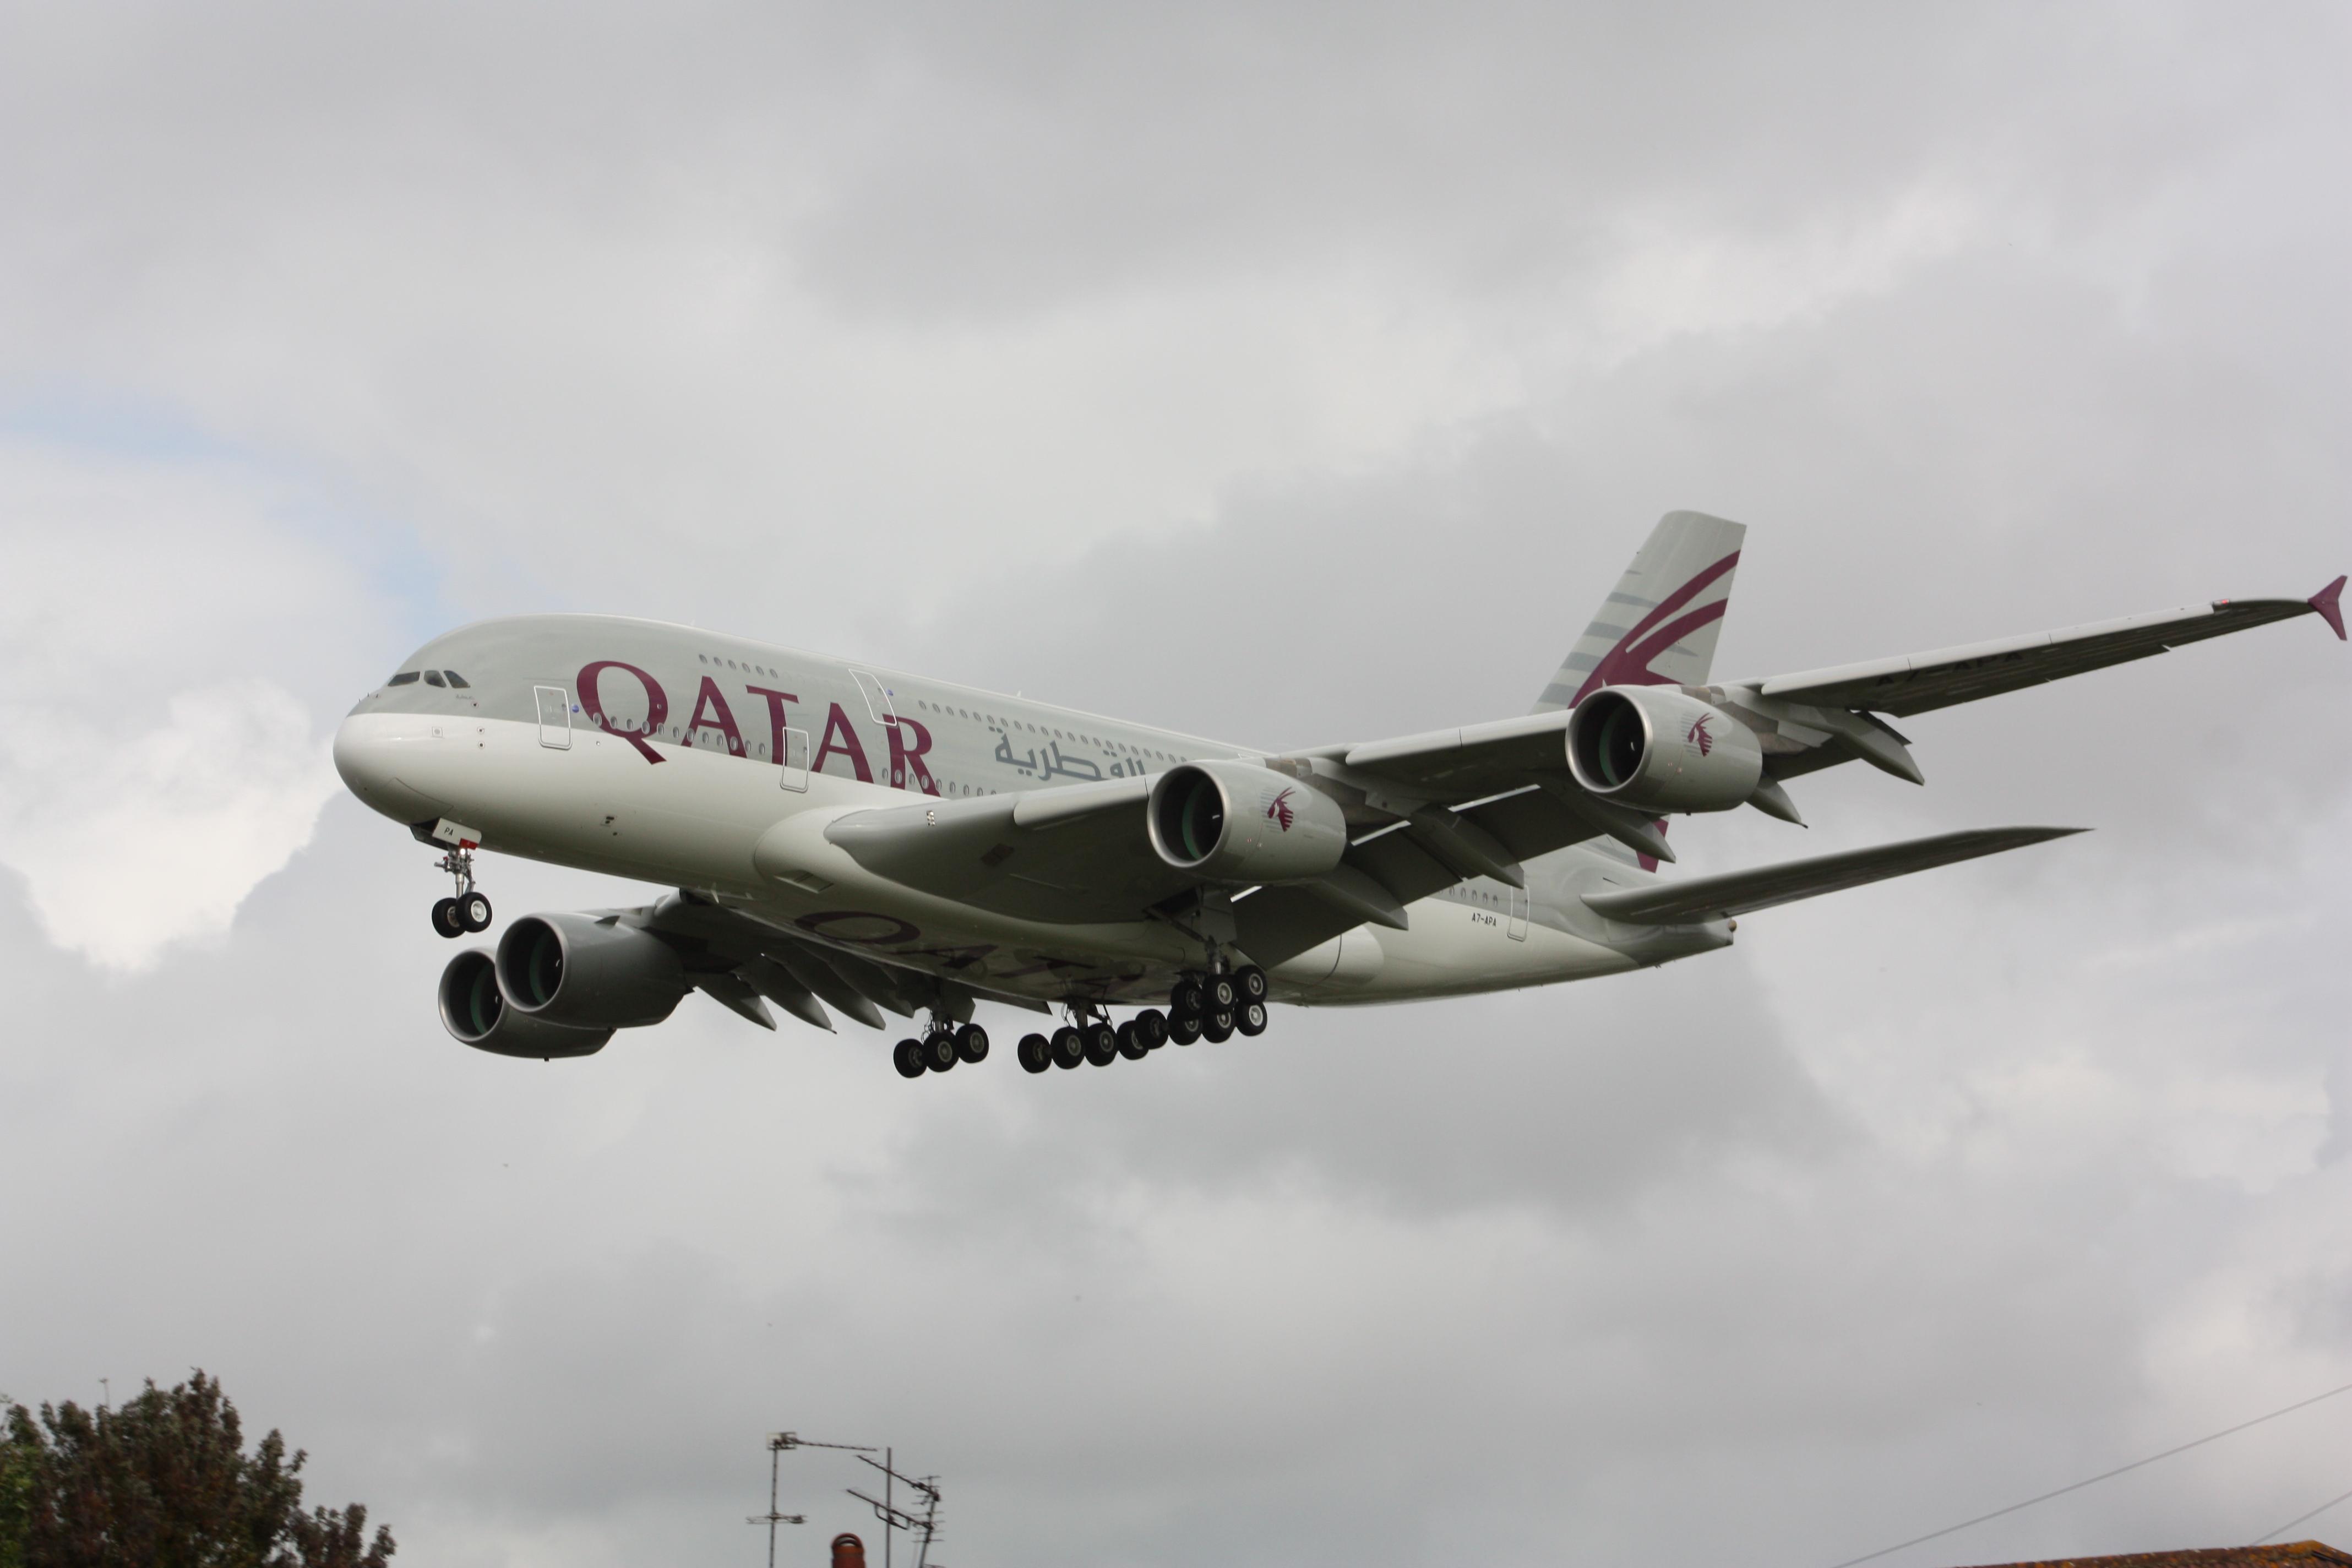 Airbus a380 wikipdia a enciclopdia livre um a380 da qatar airways em aproximao no aeroporto de heathrow fandeluxe Images